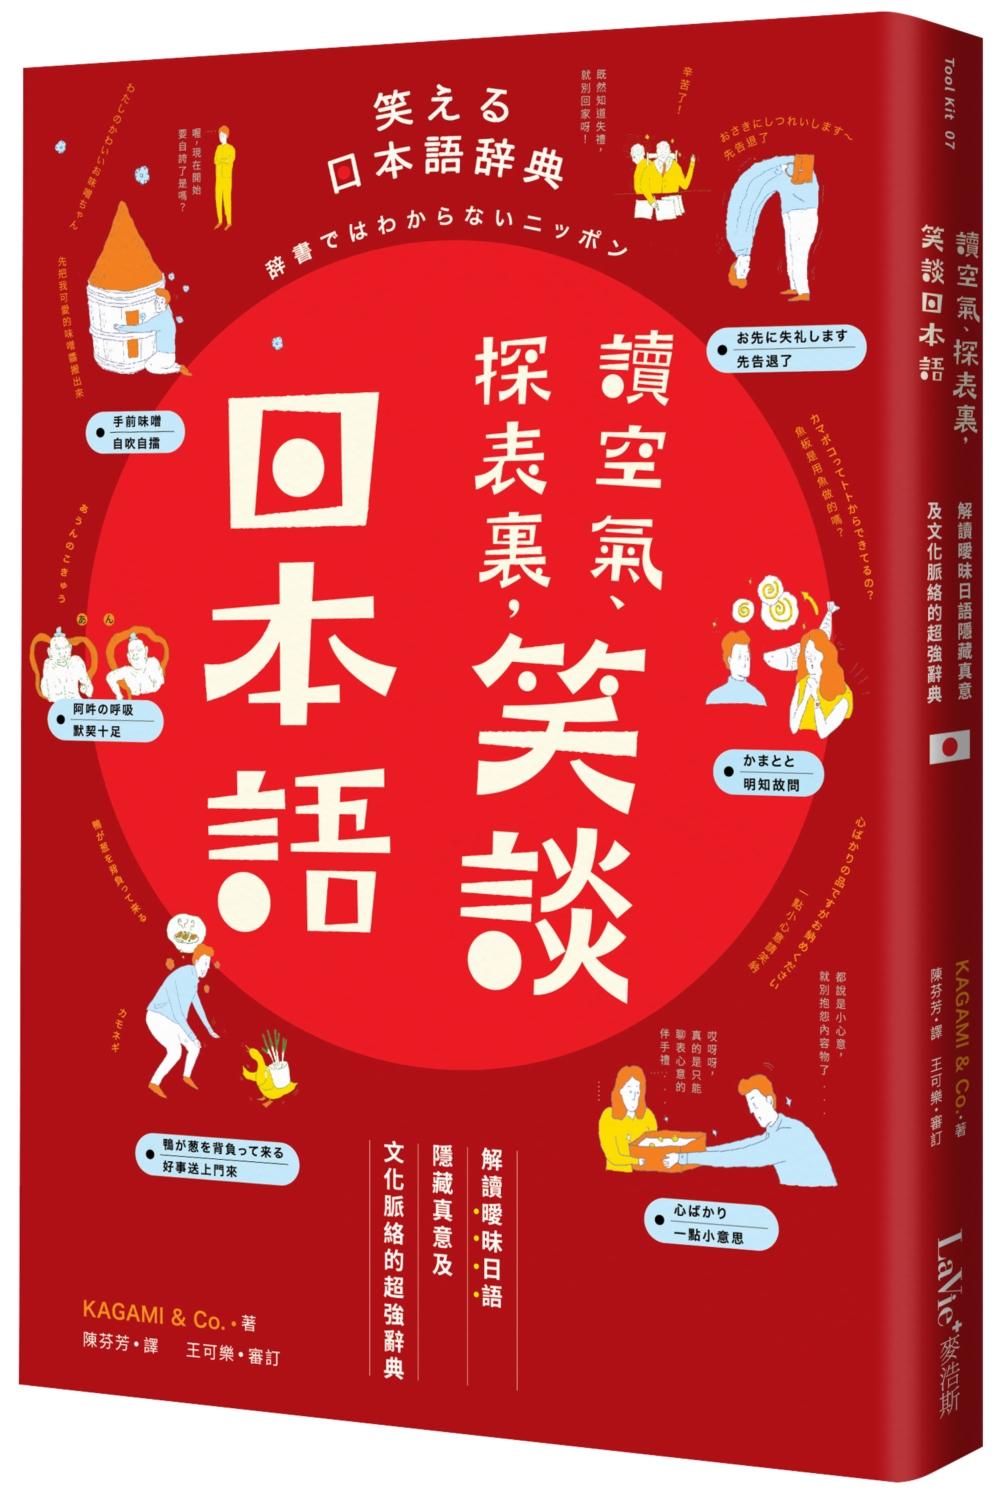 ◤博客來BOOKS◢ 暢銷書榜《推薦》讀空氣、探表裏,笑談日本語:解讀曖昧日語隱藏真意及文化脈絡的超強辭典